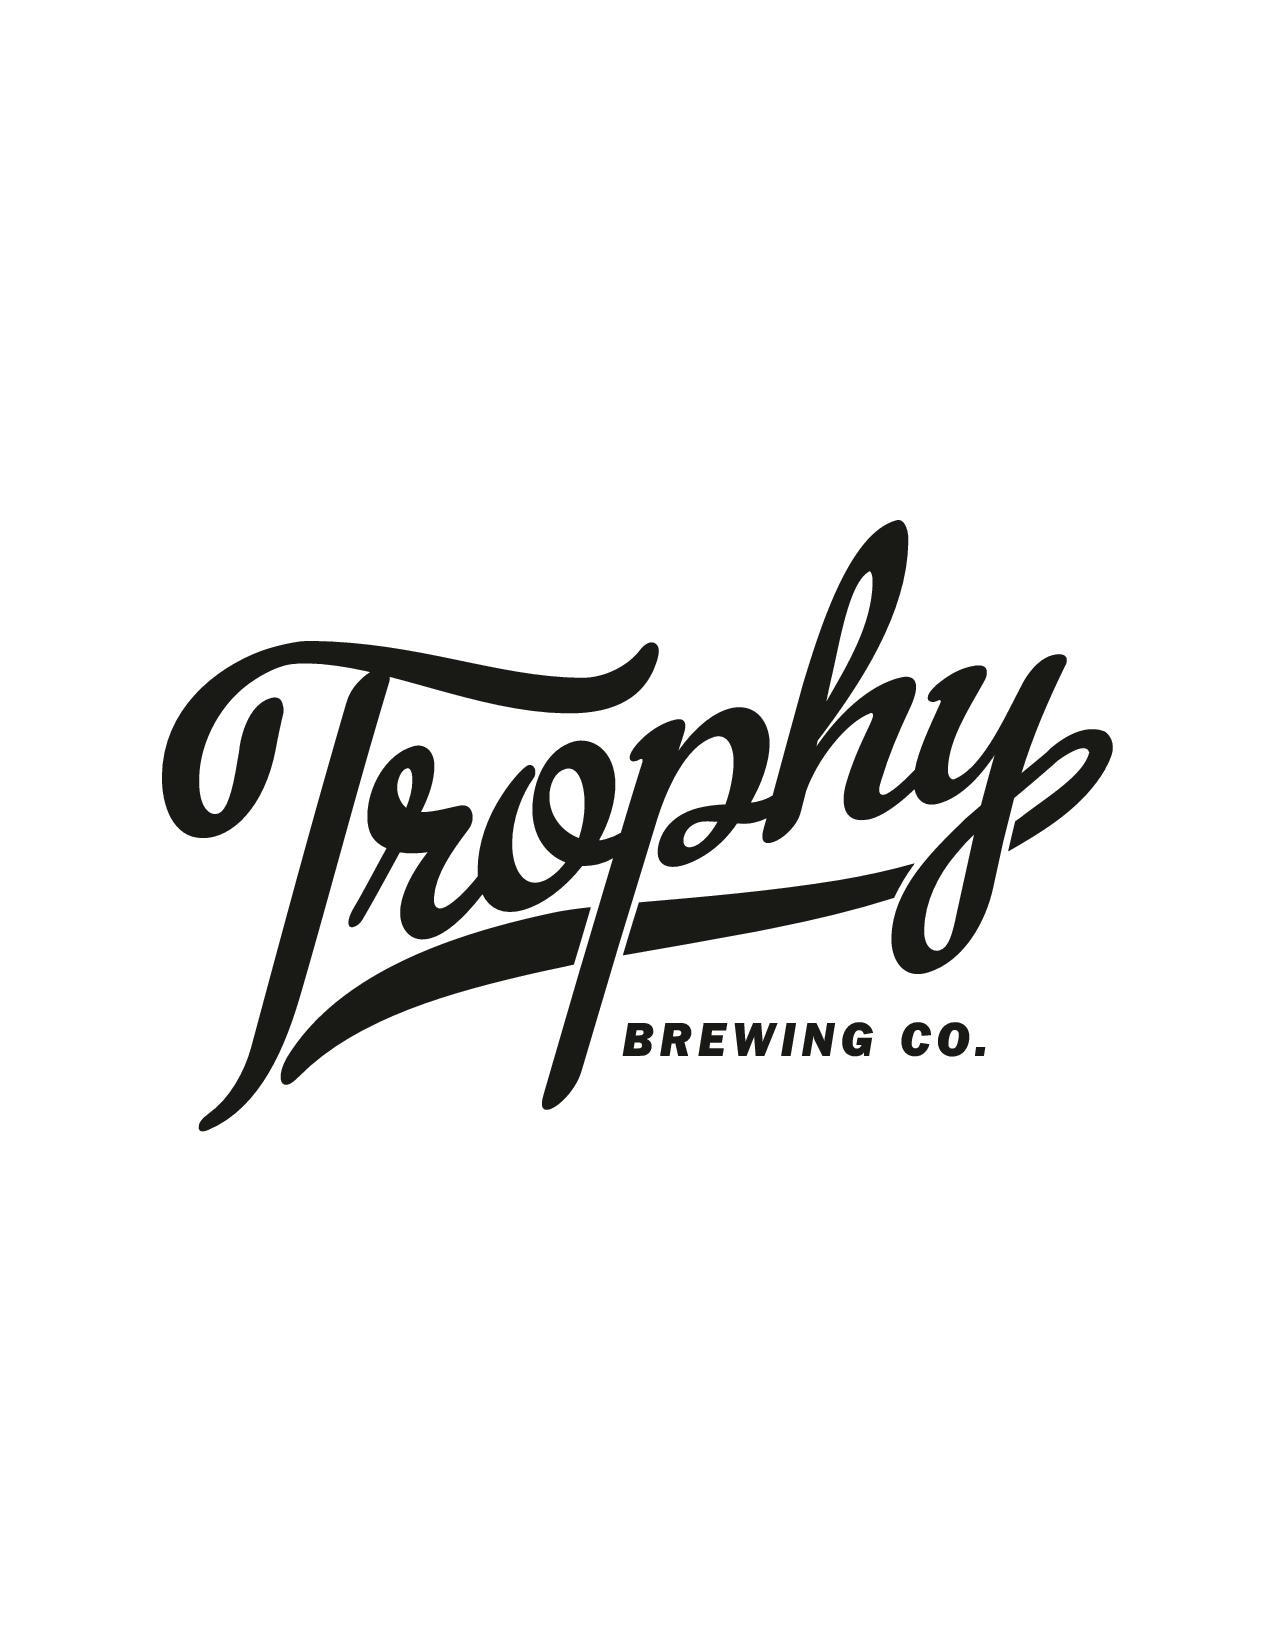 Sponsor Trophy Brewing Co.